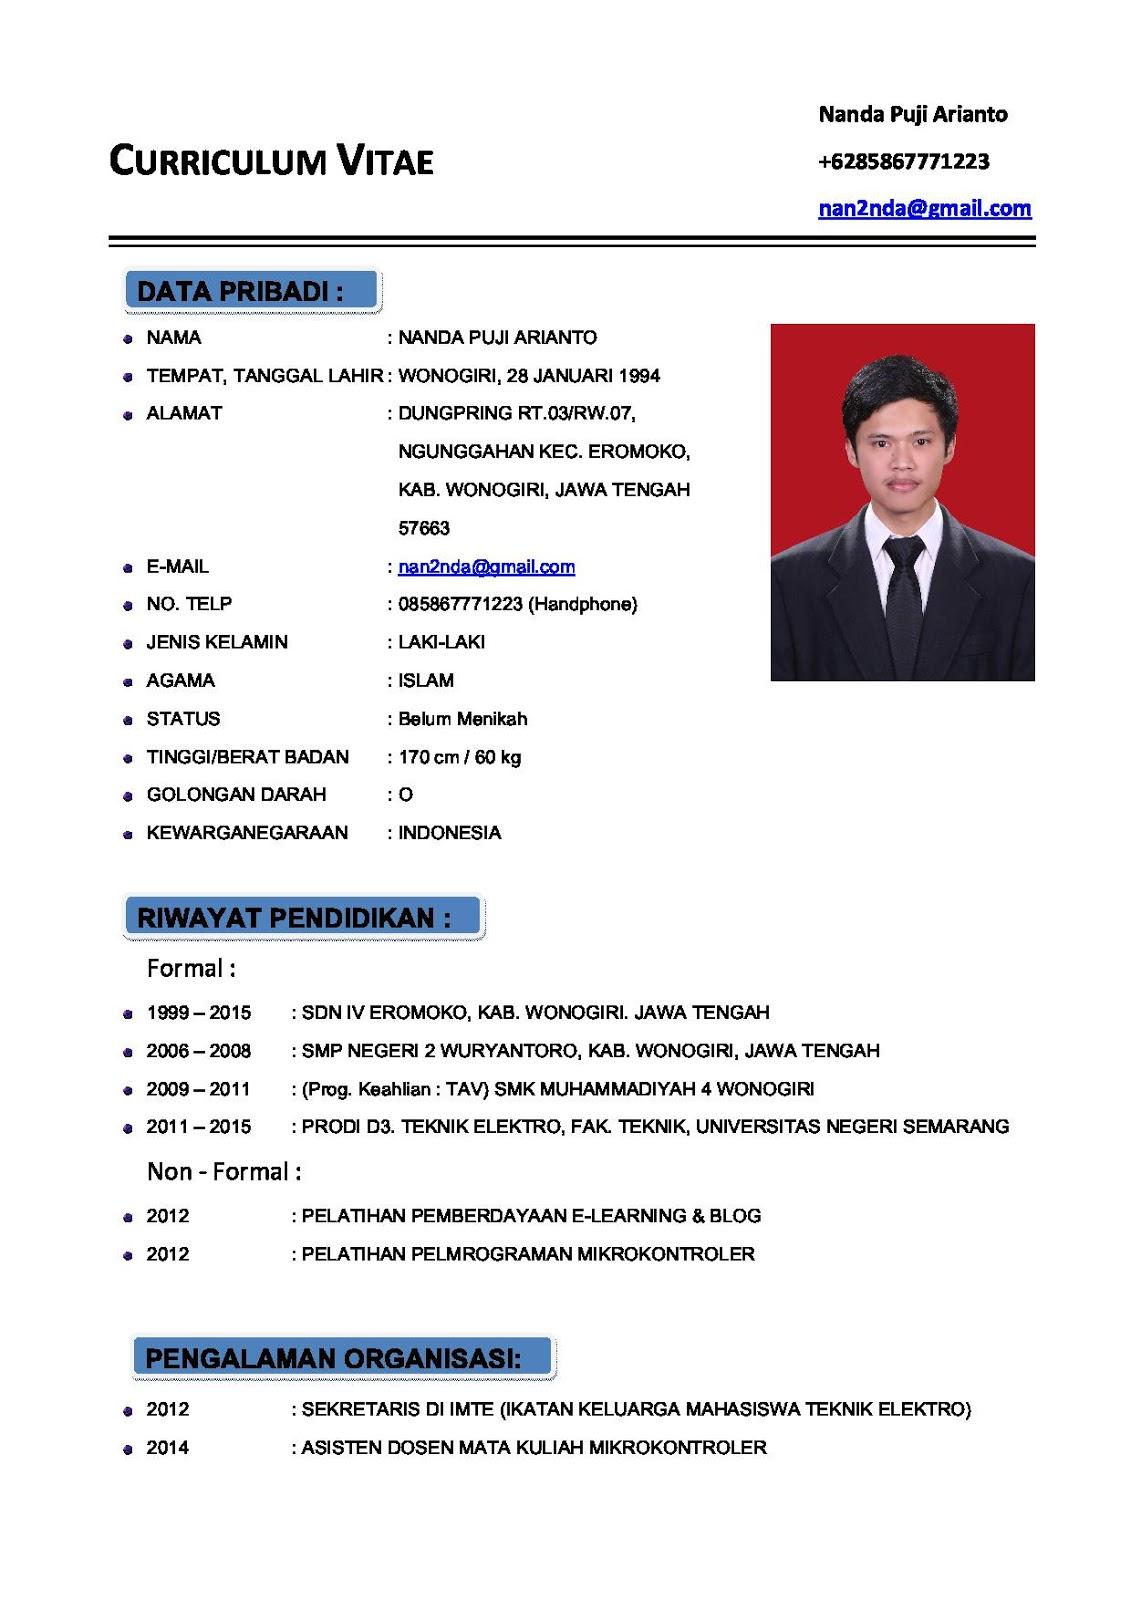 curriculum vitae terbaru resume samples writing guides curriculum vitae terbaru curriculum vitae cv format the balance cv curriculum vitae atau daftar riwayat hidup